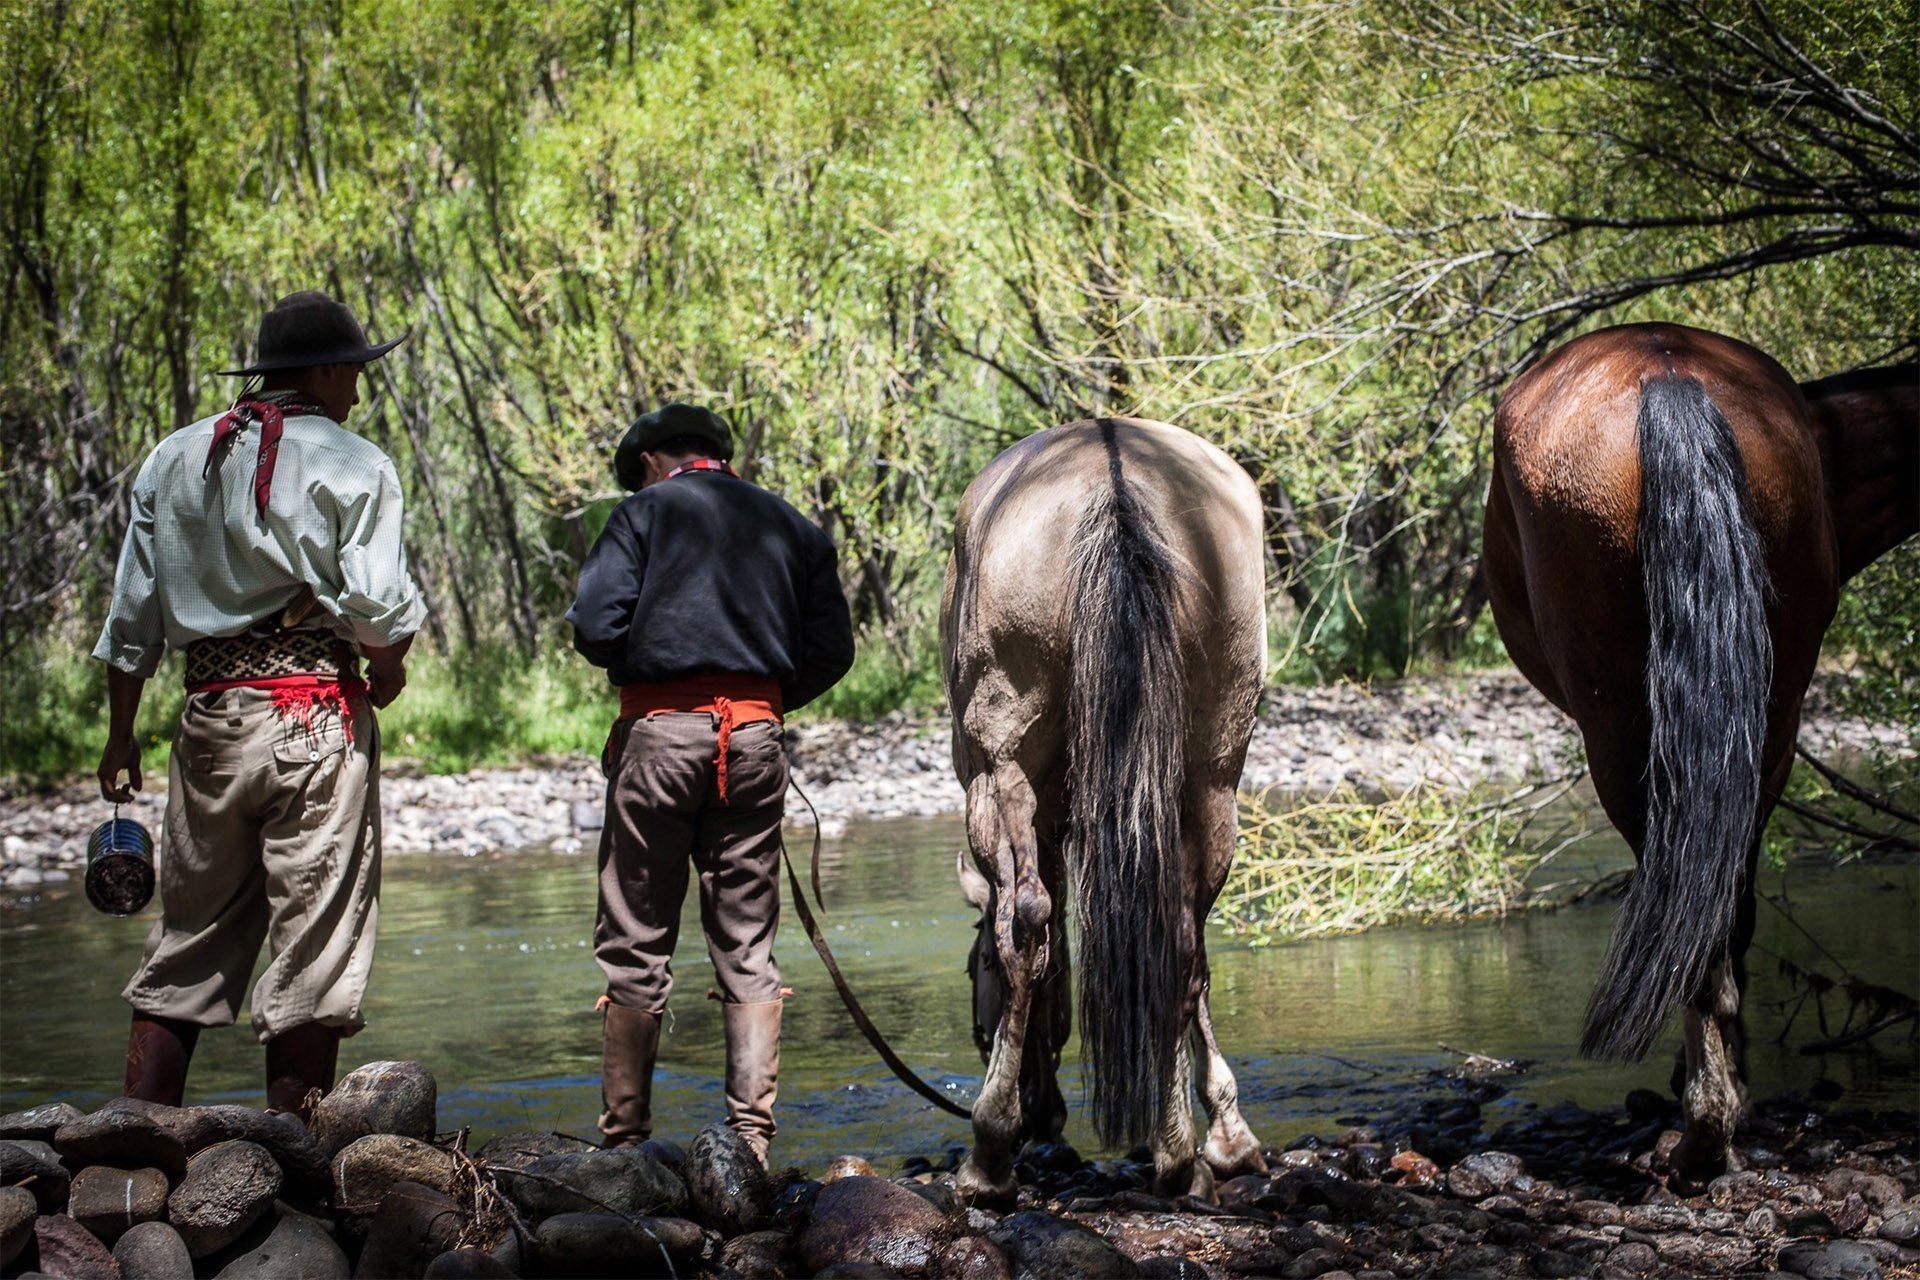 roque-bags_home-travellog_gauchos-river-horse-patagonia-lucindapaxton